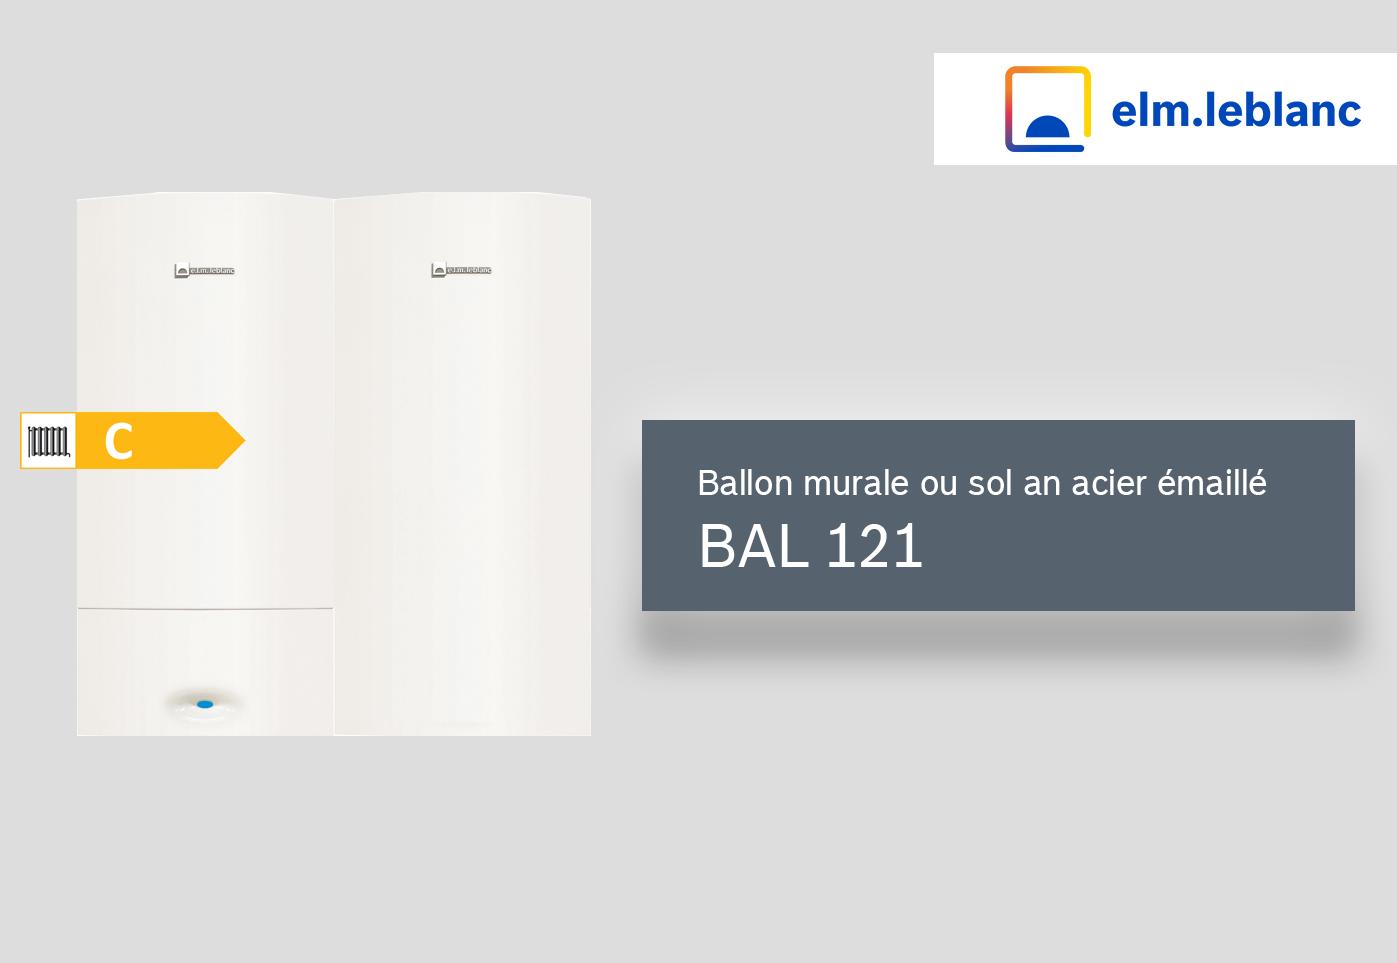 BAL 121